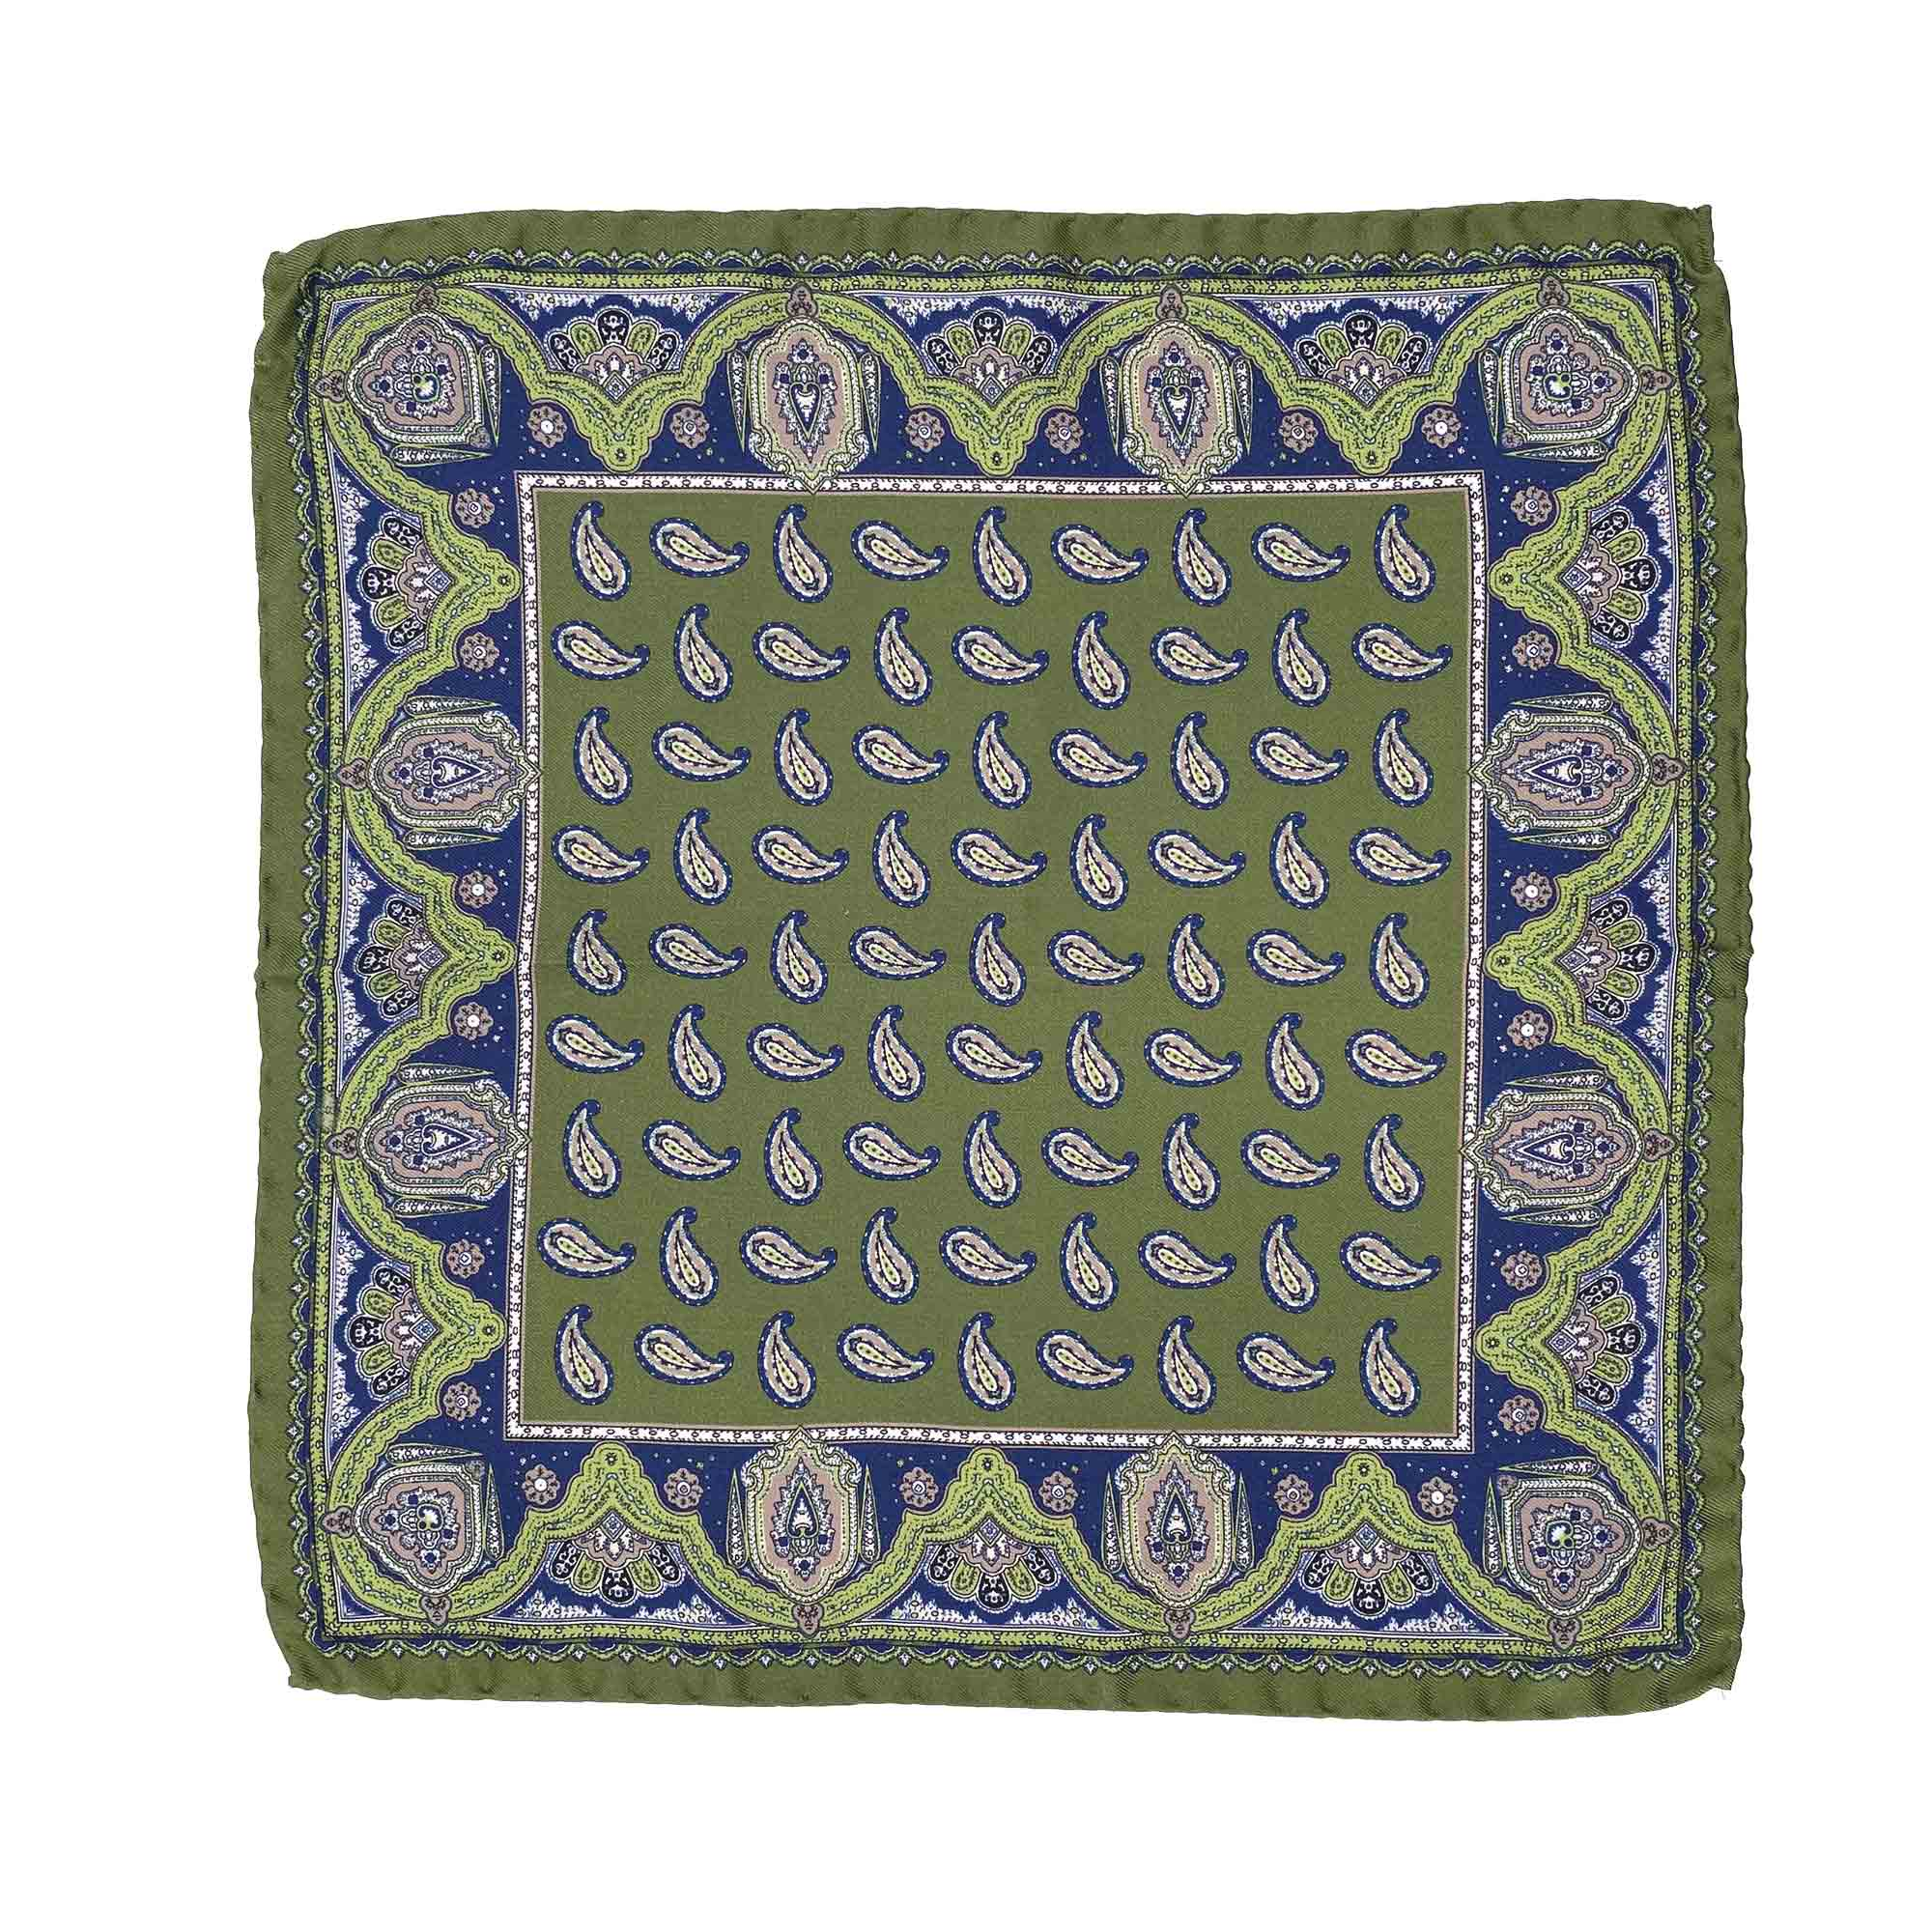 pochettes seda buona fortuna panuelos exclusivos comprar online moda italiana panuelo estampado verde azul shop